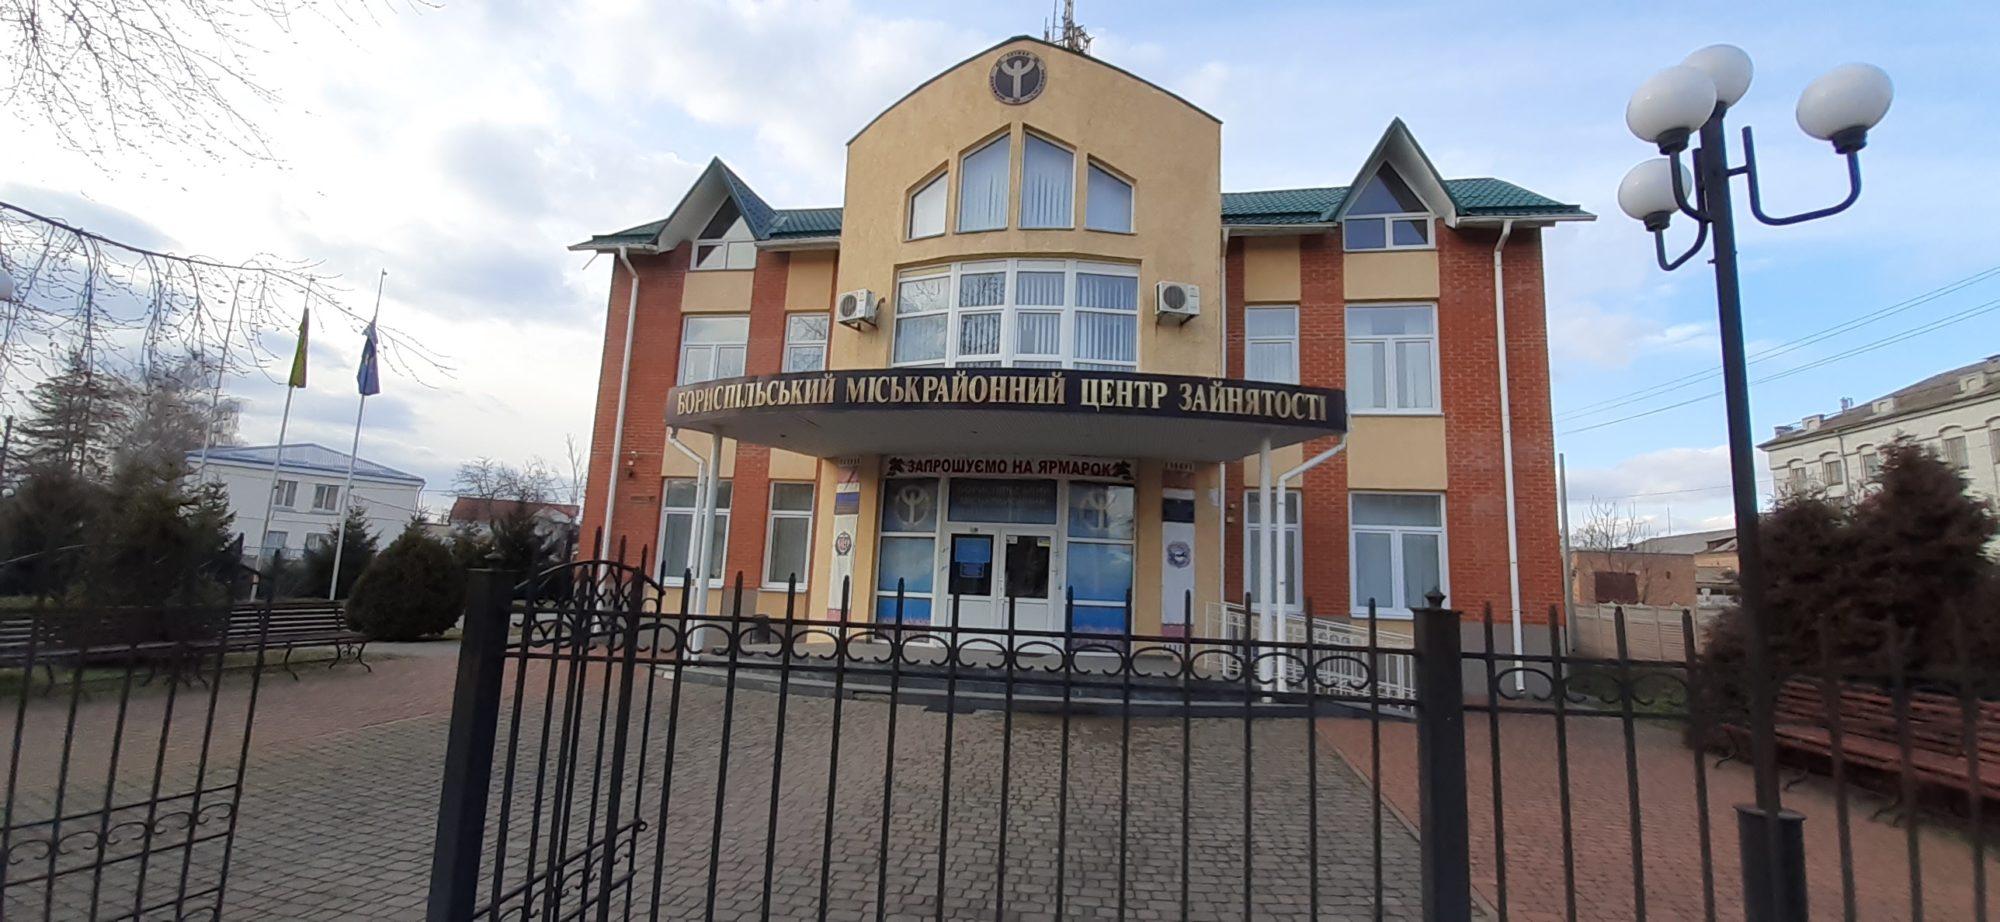 В Україні реформують Державну службу зайнятості -  - 20200228 152226 2000x922